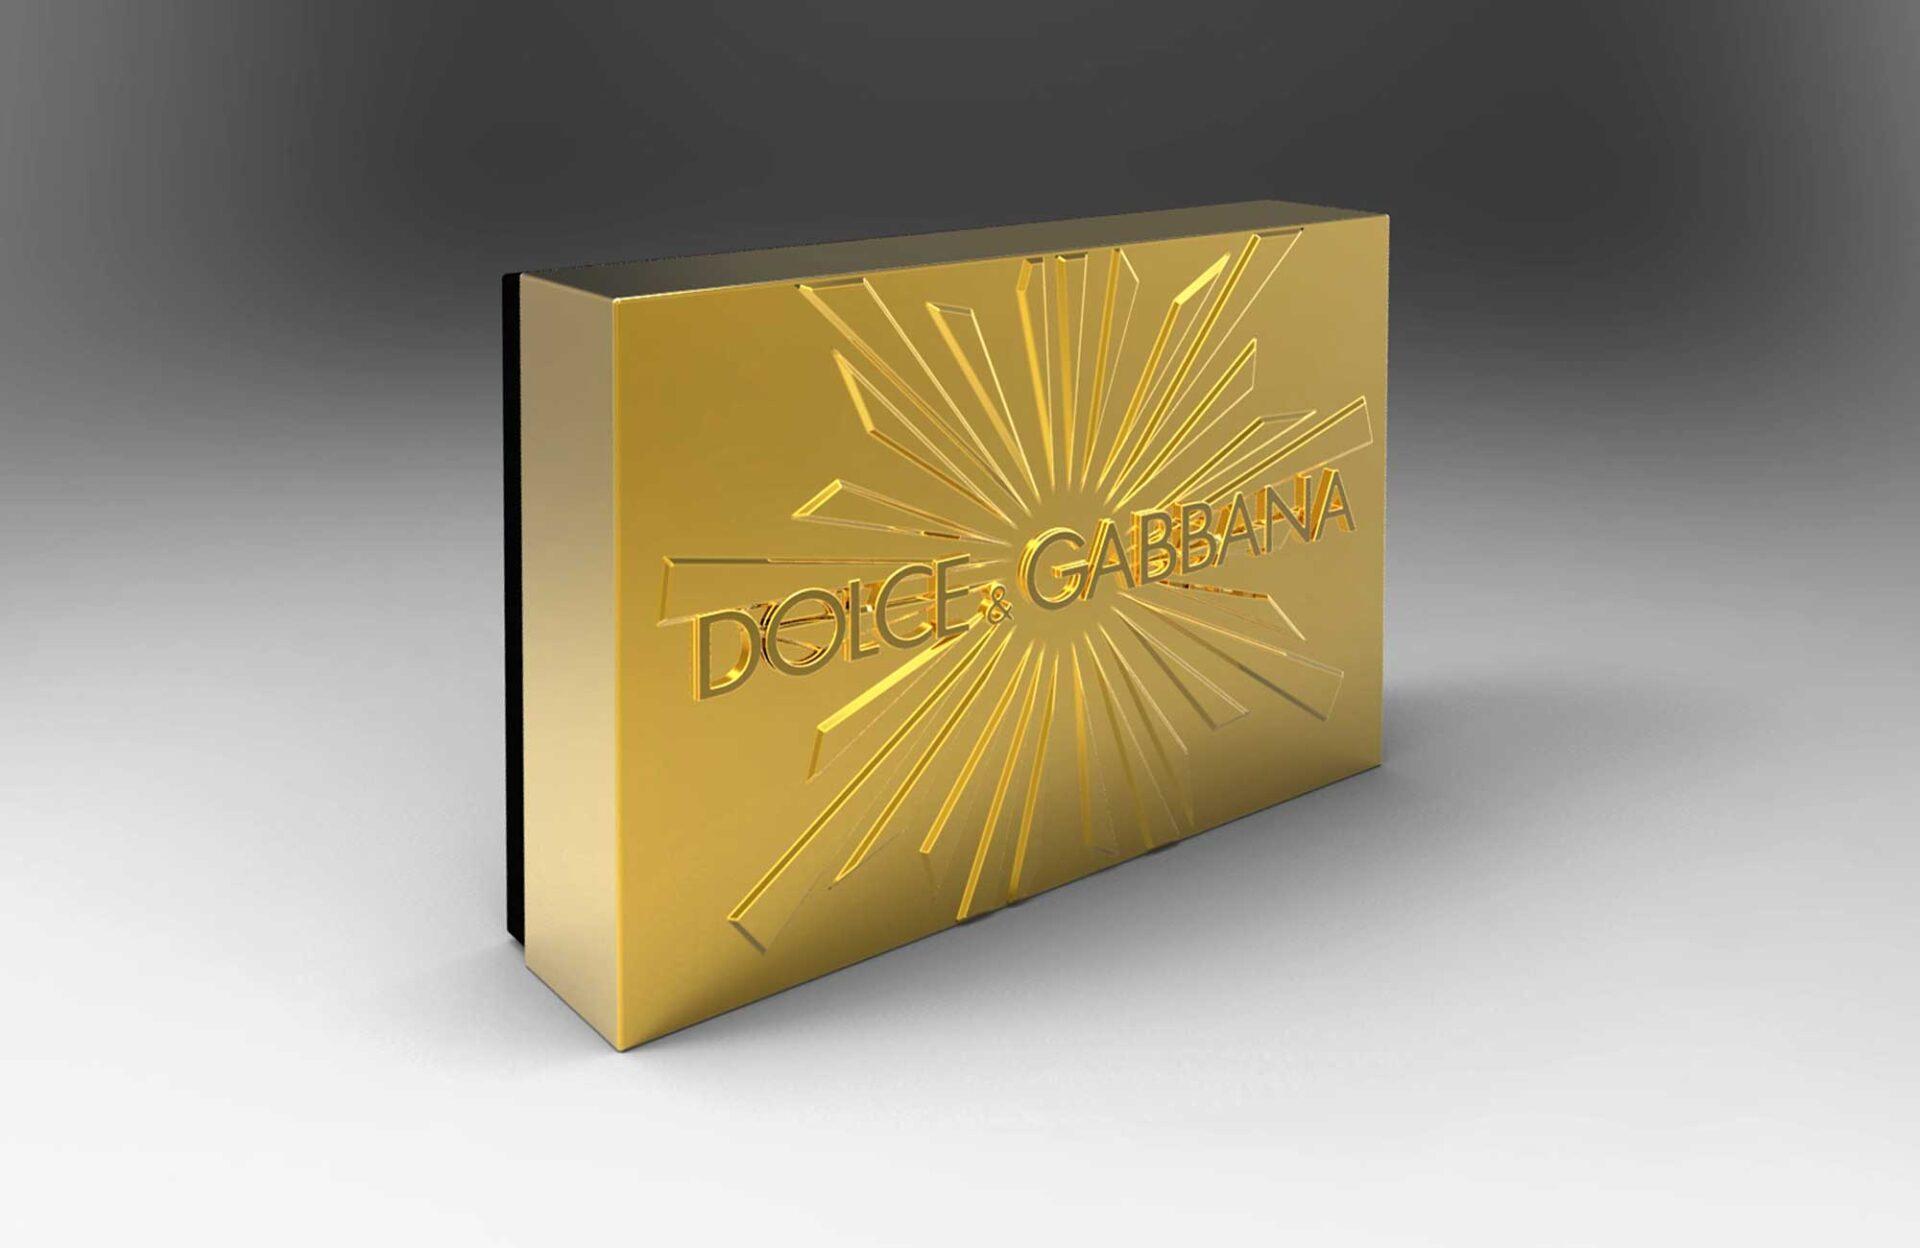 Design_Dolce&Gabbana_©loup.ch_3